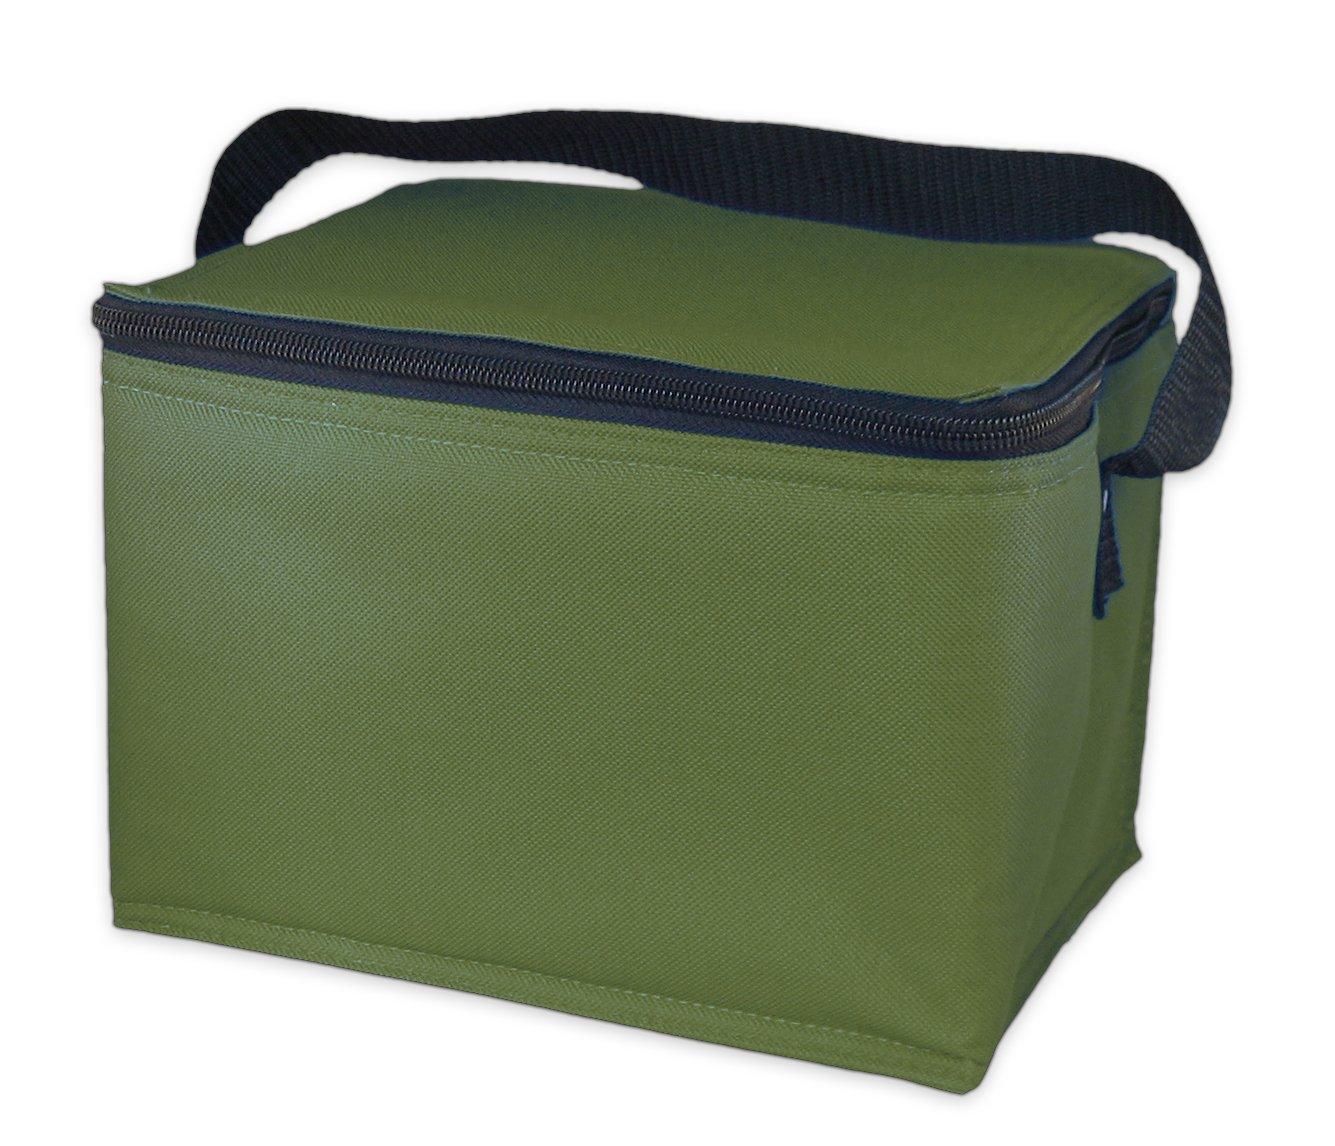 EasyLunchboxes Insulated Lunch Box Cooler Bag, Aqua ELB2-5AQUA